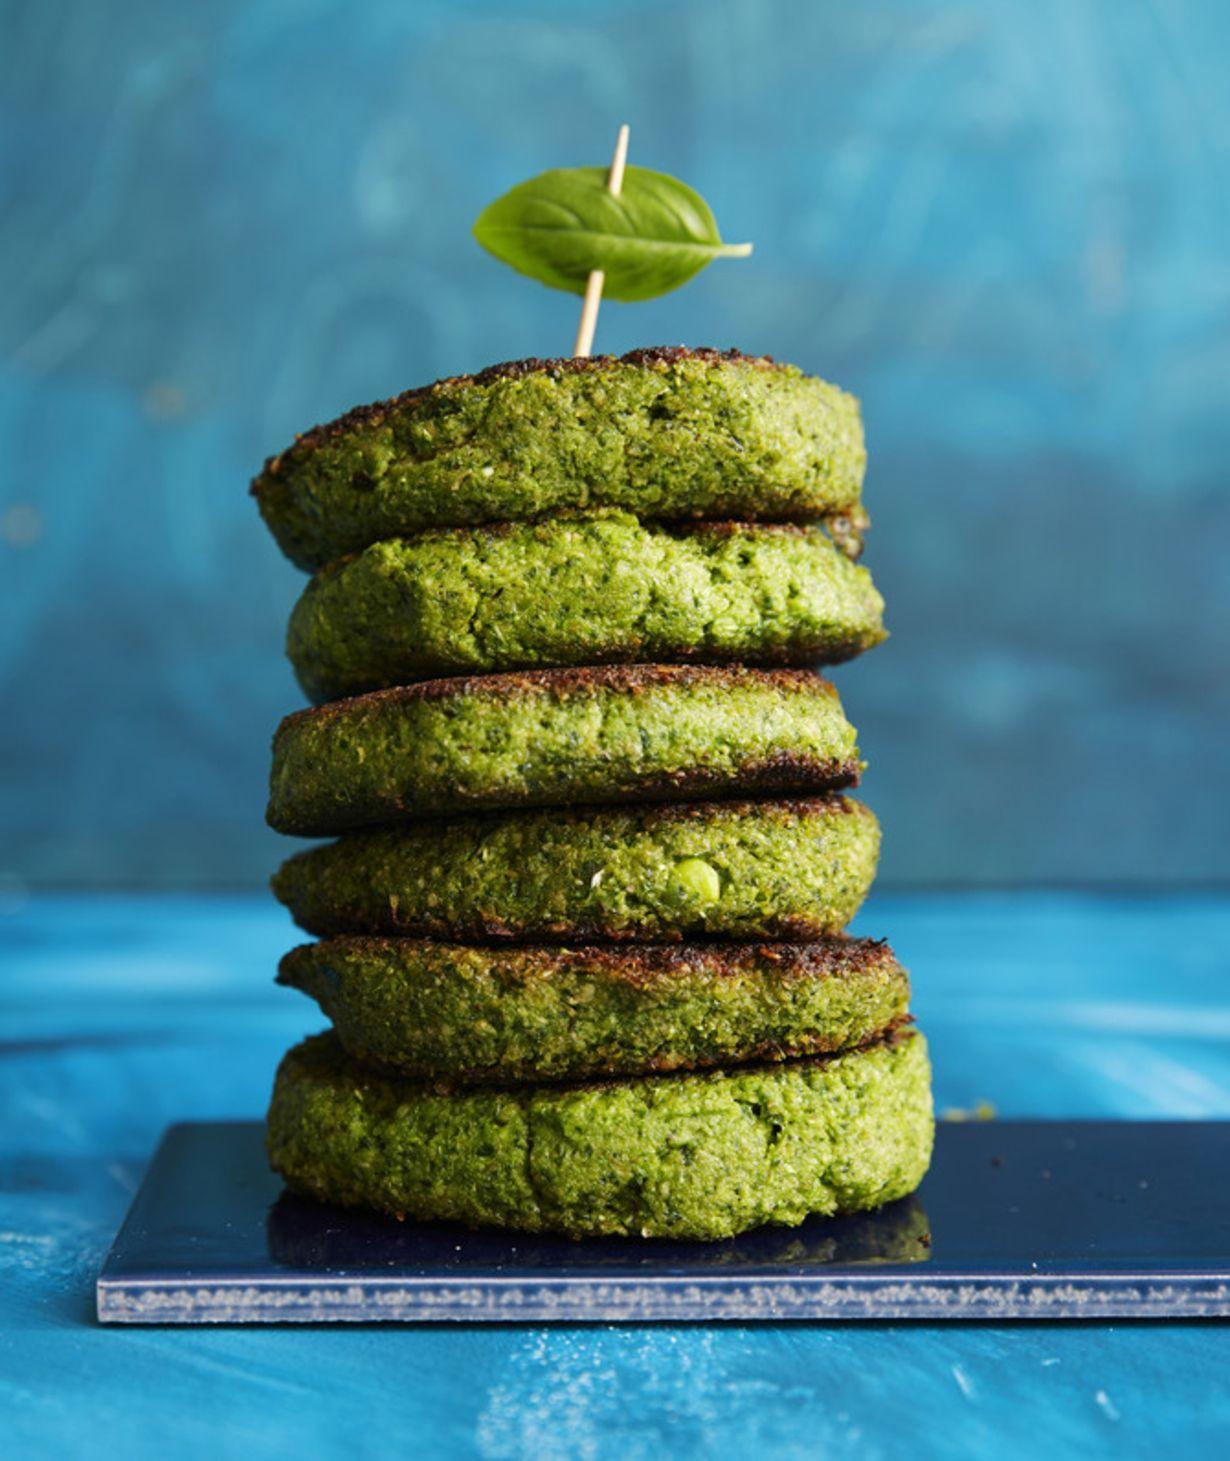 Pidä kasvisruokaviikko! Näillä herkullisilla ohjeilla onnistut ja syöt monipuolisesti. Ja mikä parasta, raaka-aineet löytyvät lähikaupasta, eikä...